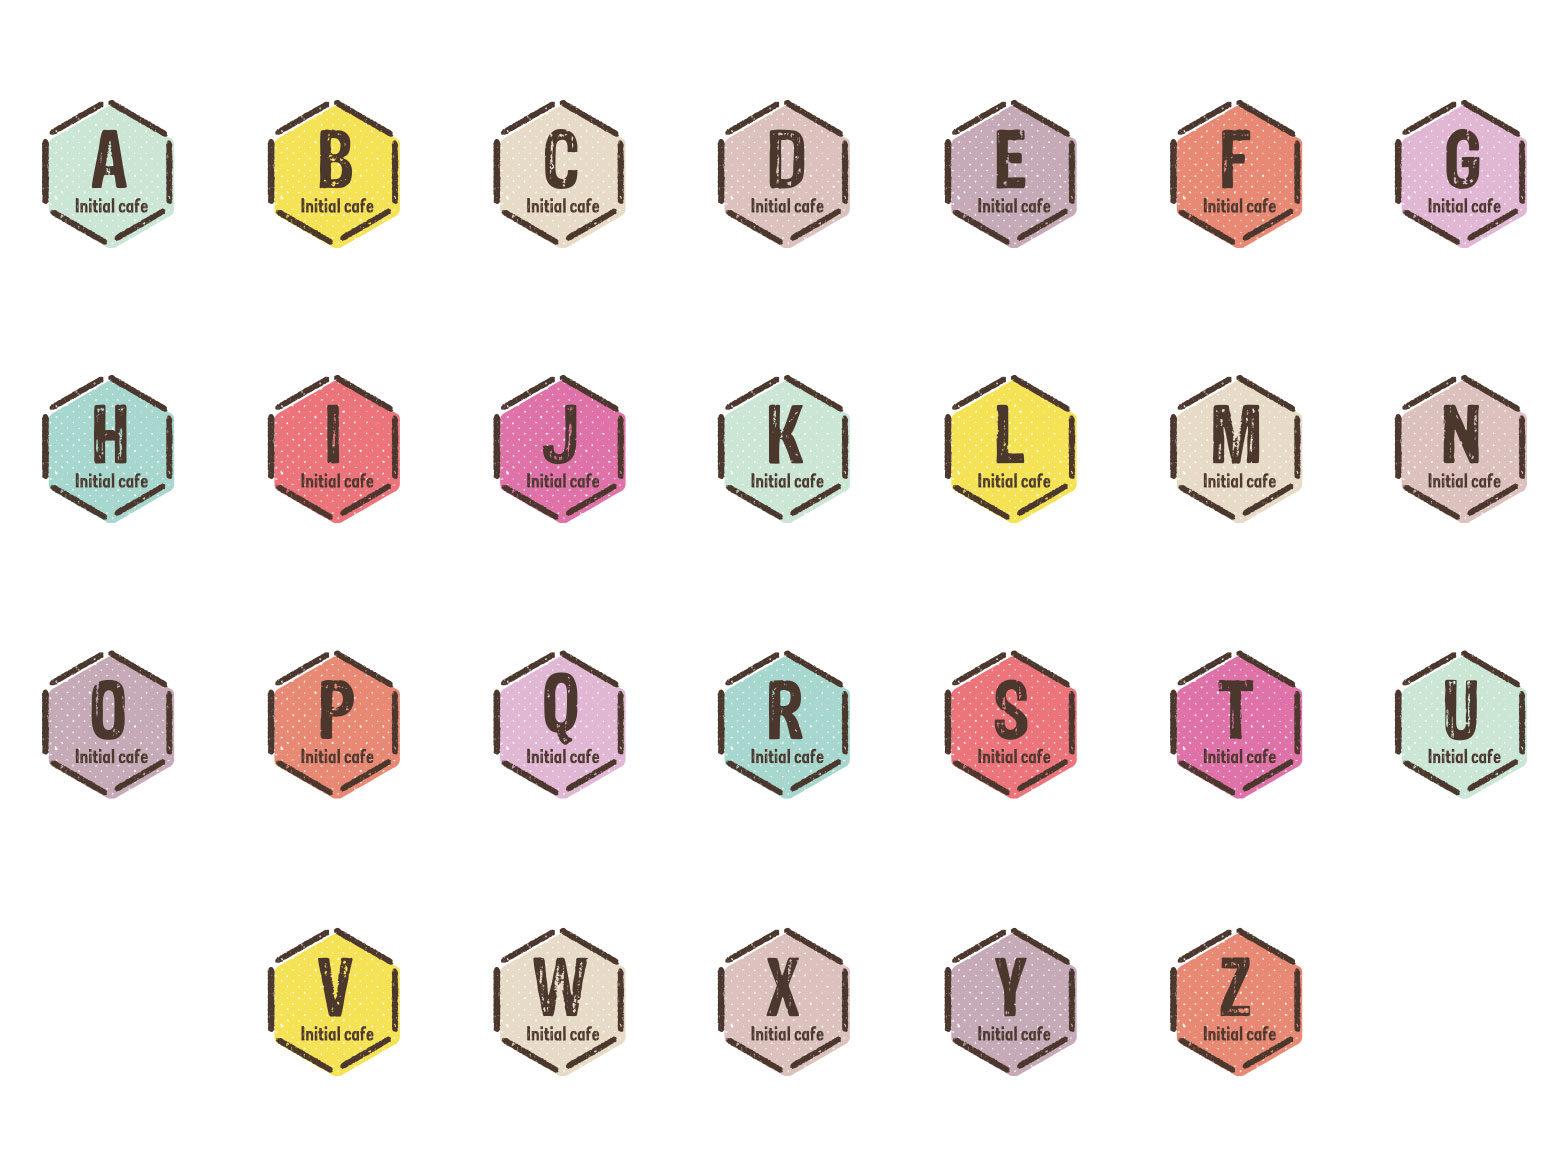 イニシャル アルファベット素材  AからZまで ヘキサゴン ベクターデータで無料でダウンロード